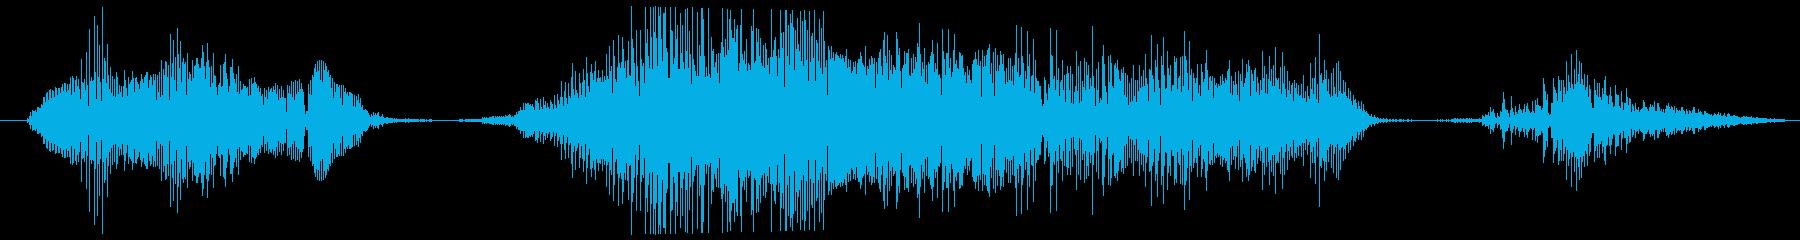 ゴブリン うめき痛い01の再生済みの波形